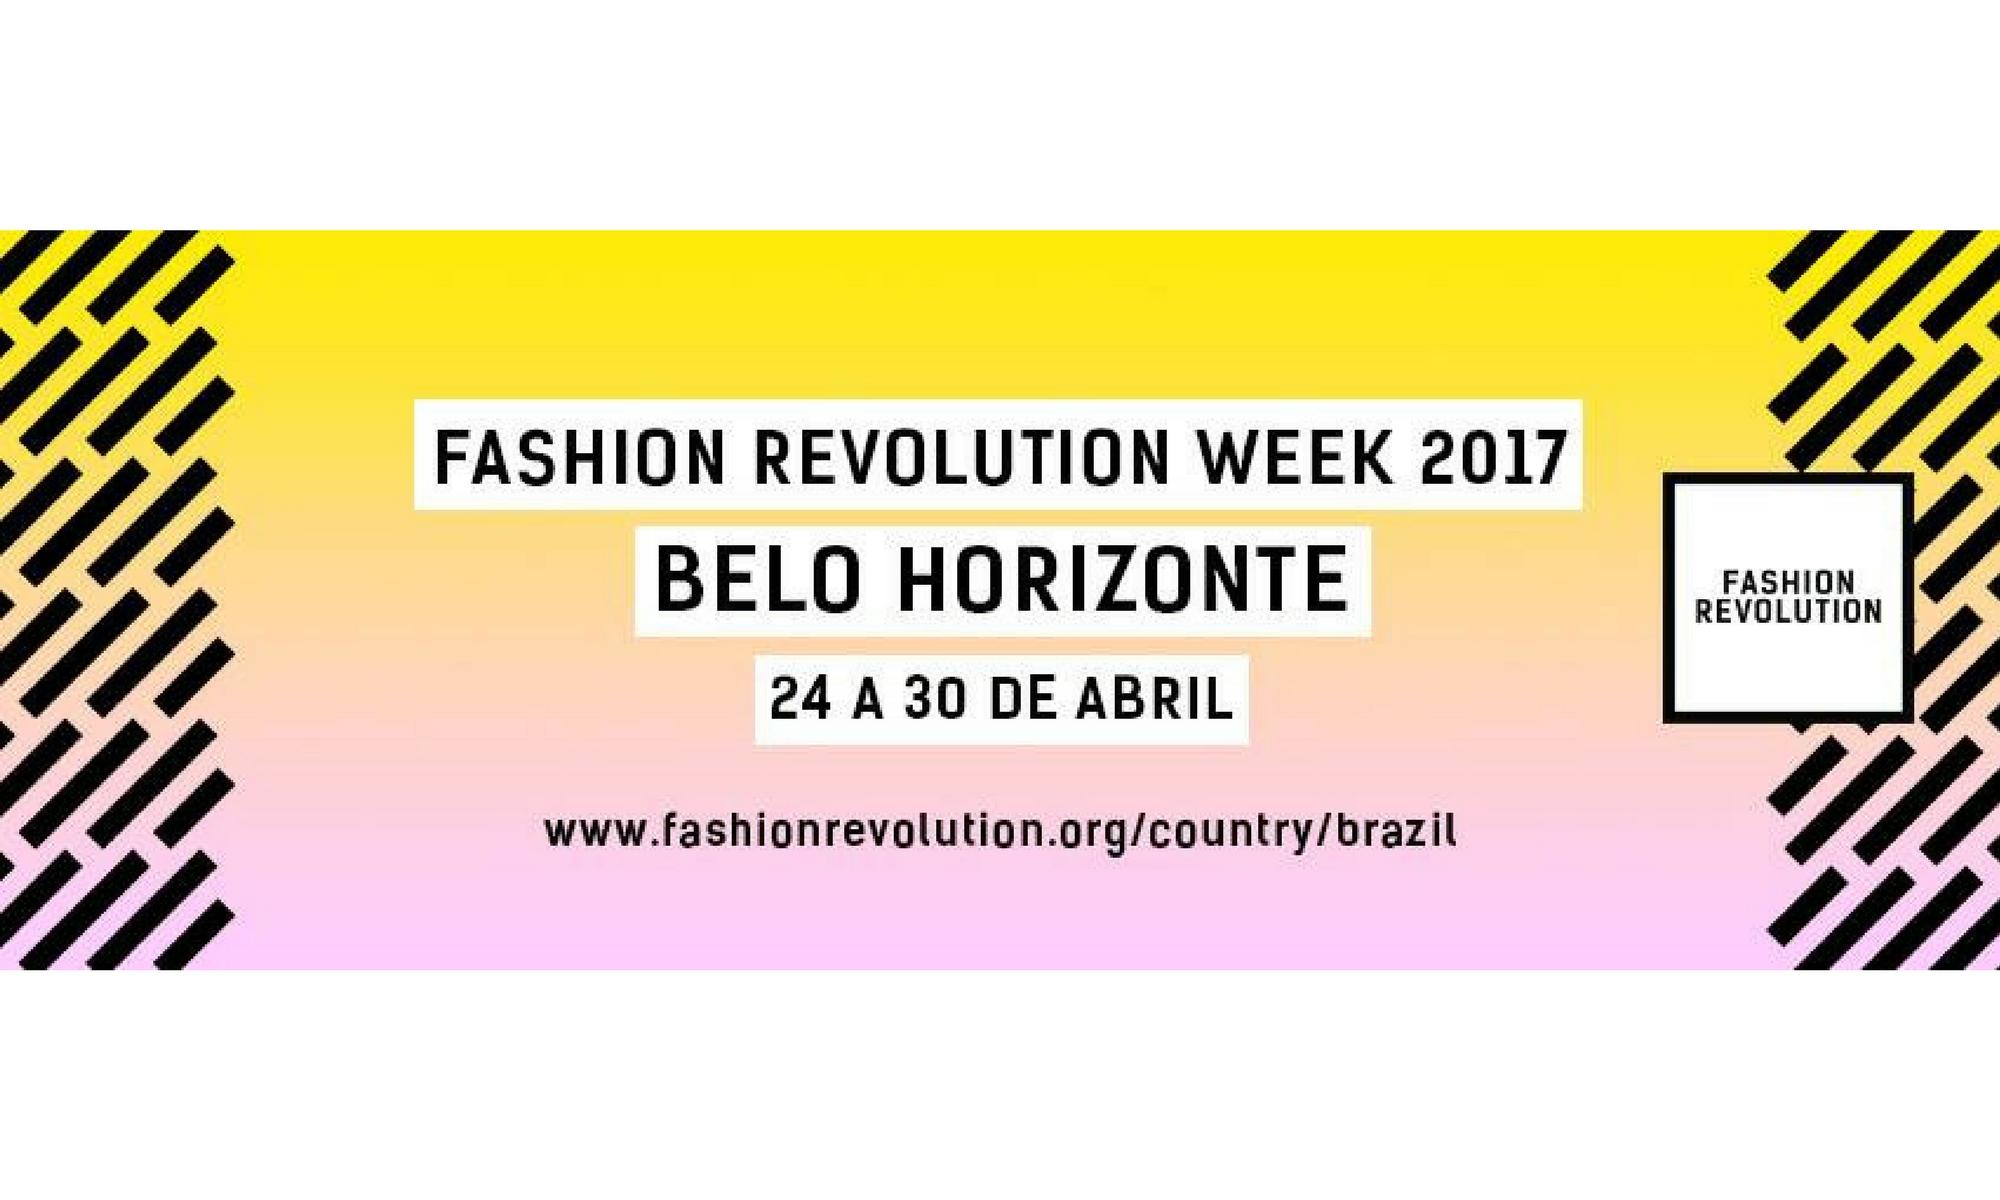 fashion revolution belo horizonte 2017 programação e datas